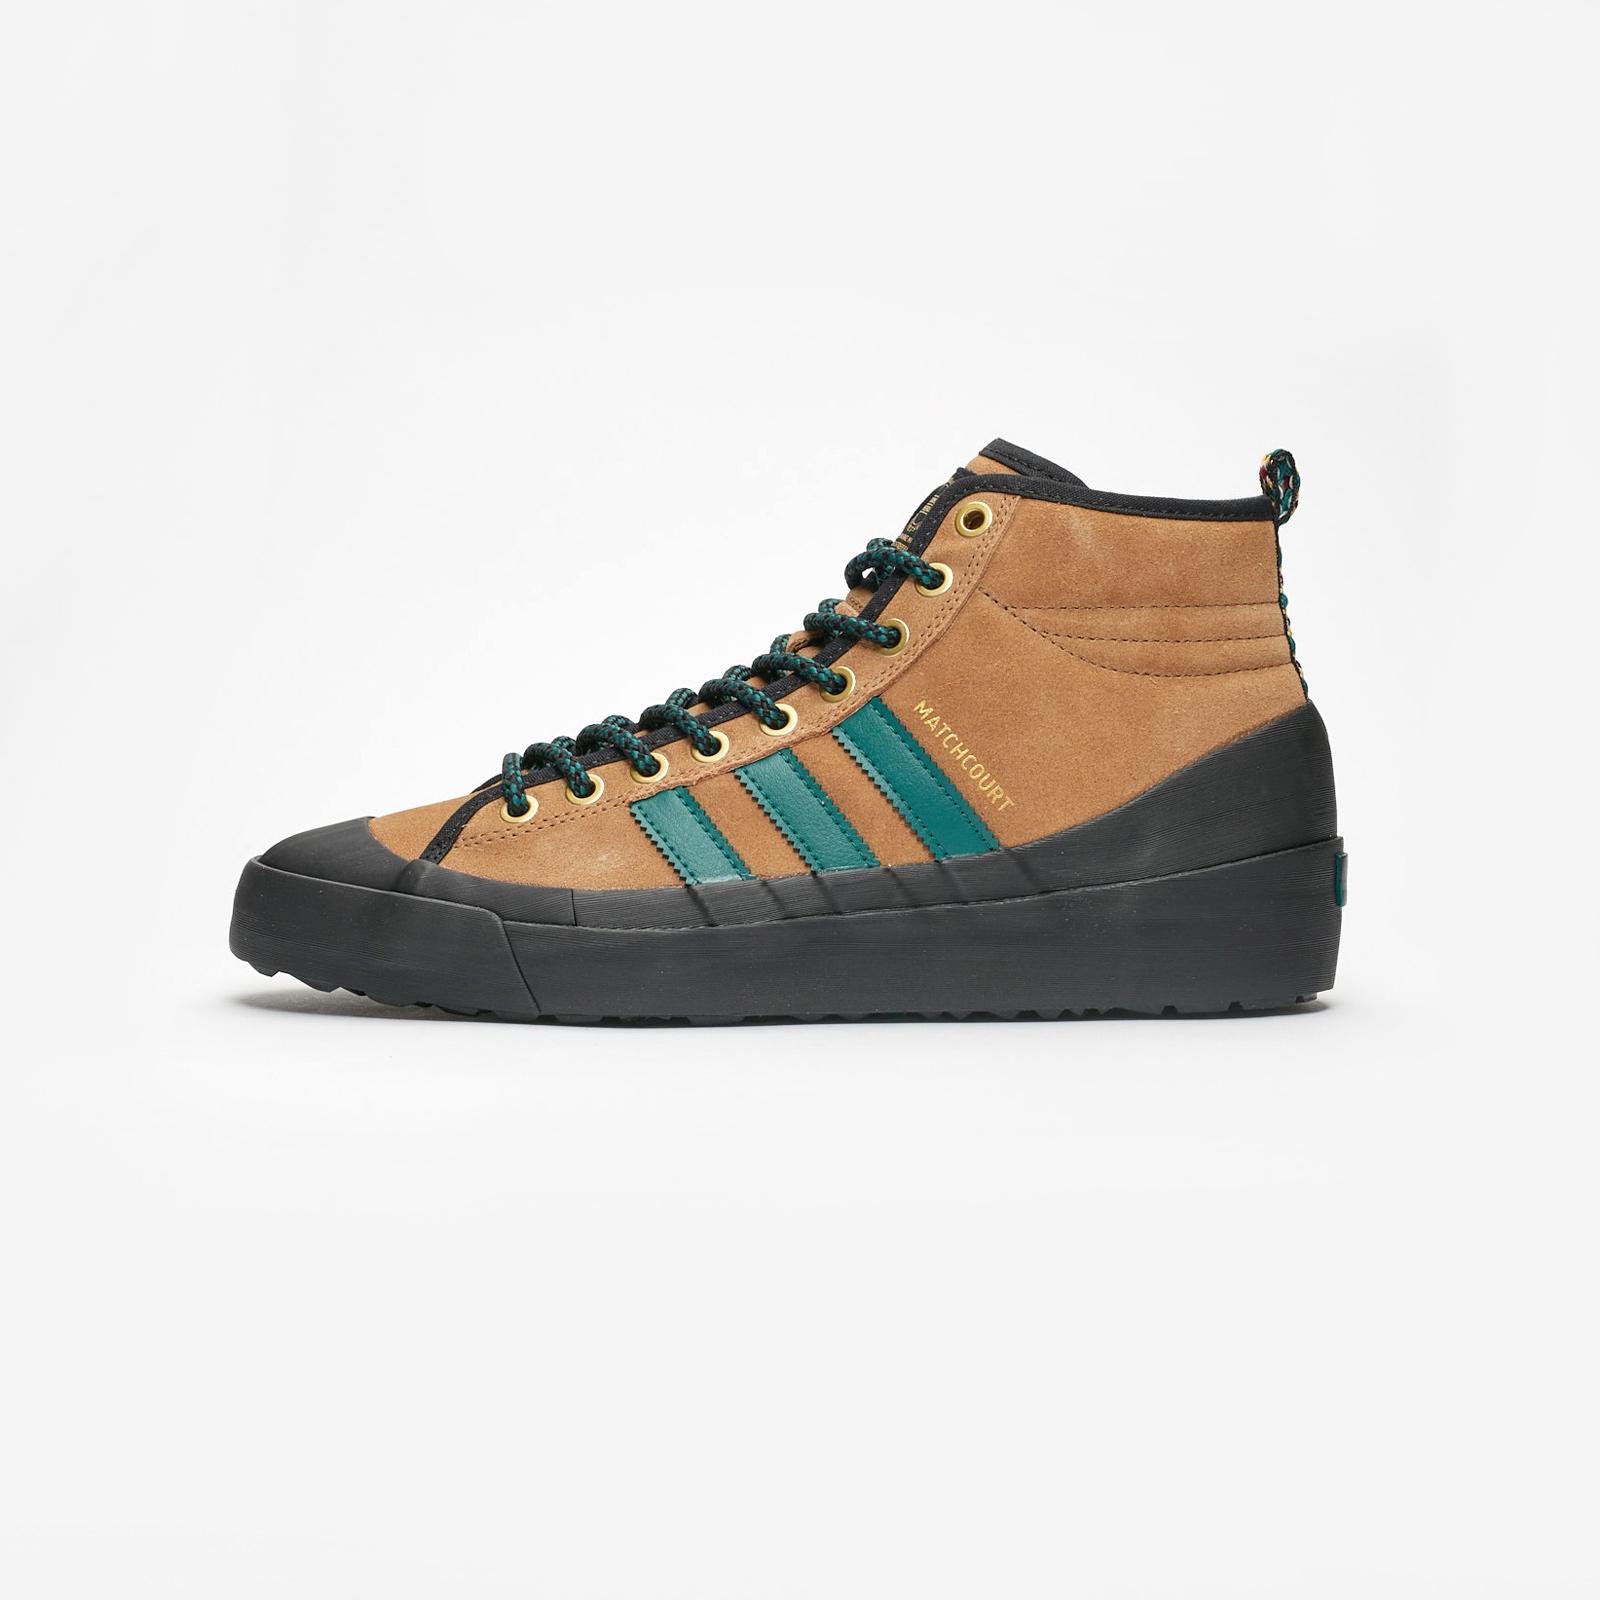 adidas Matchcourt High Rx3 - B27962